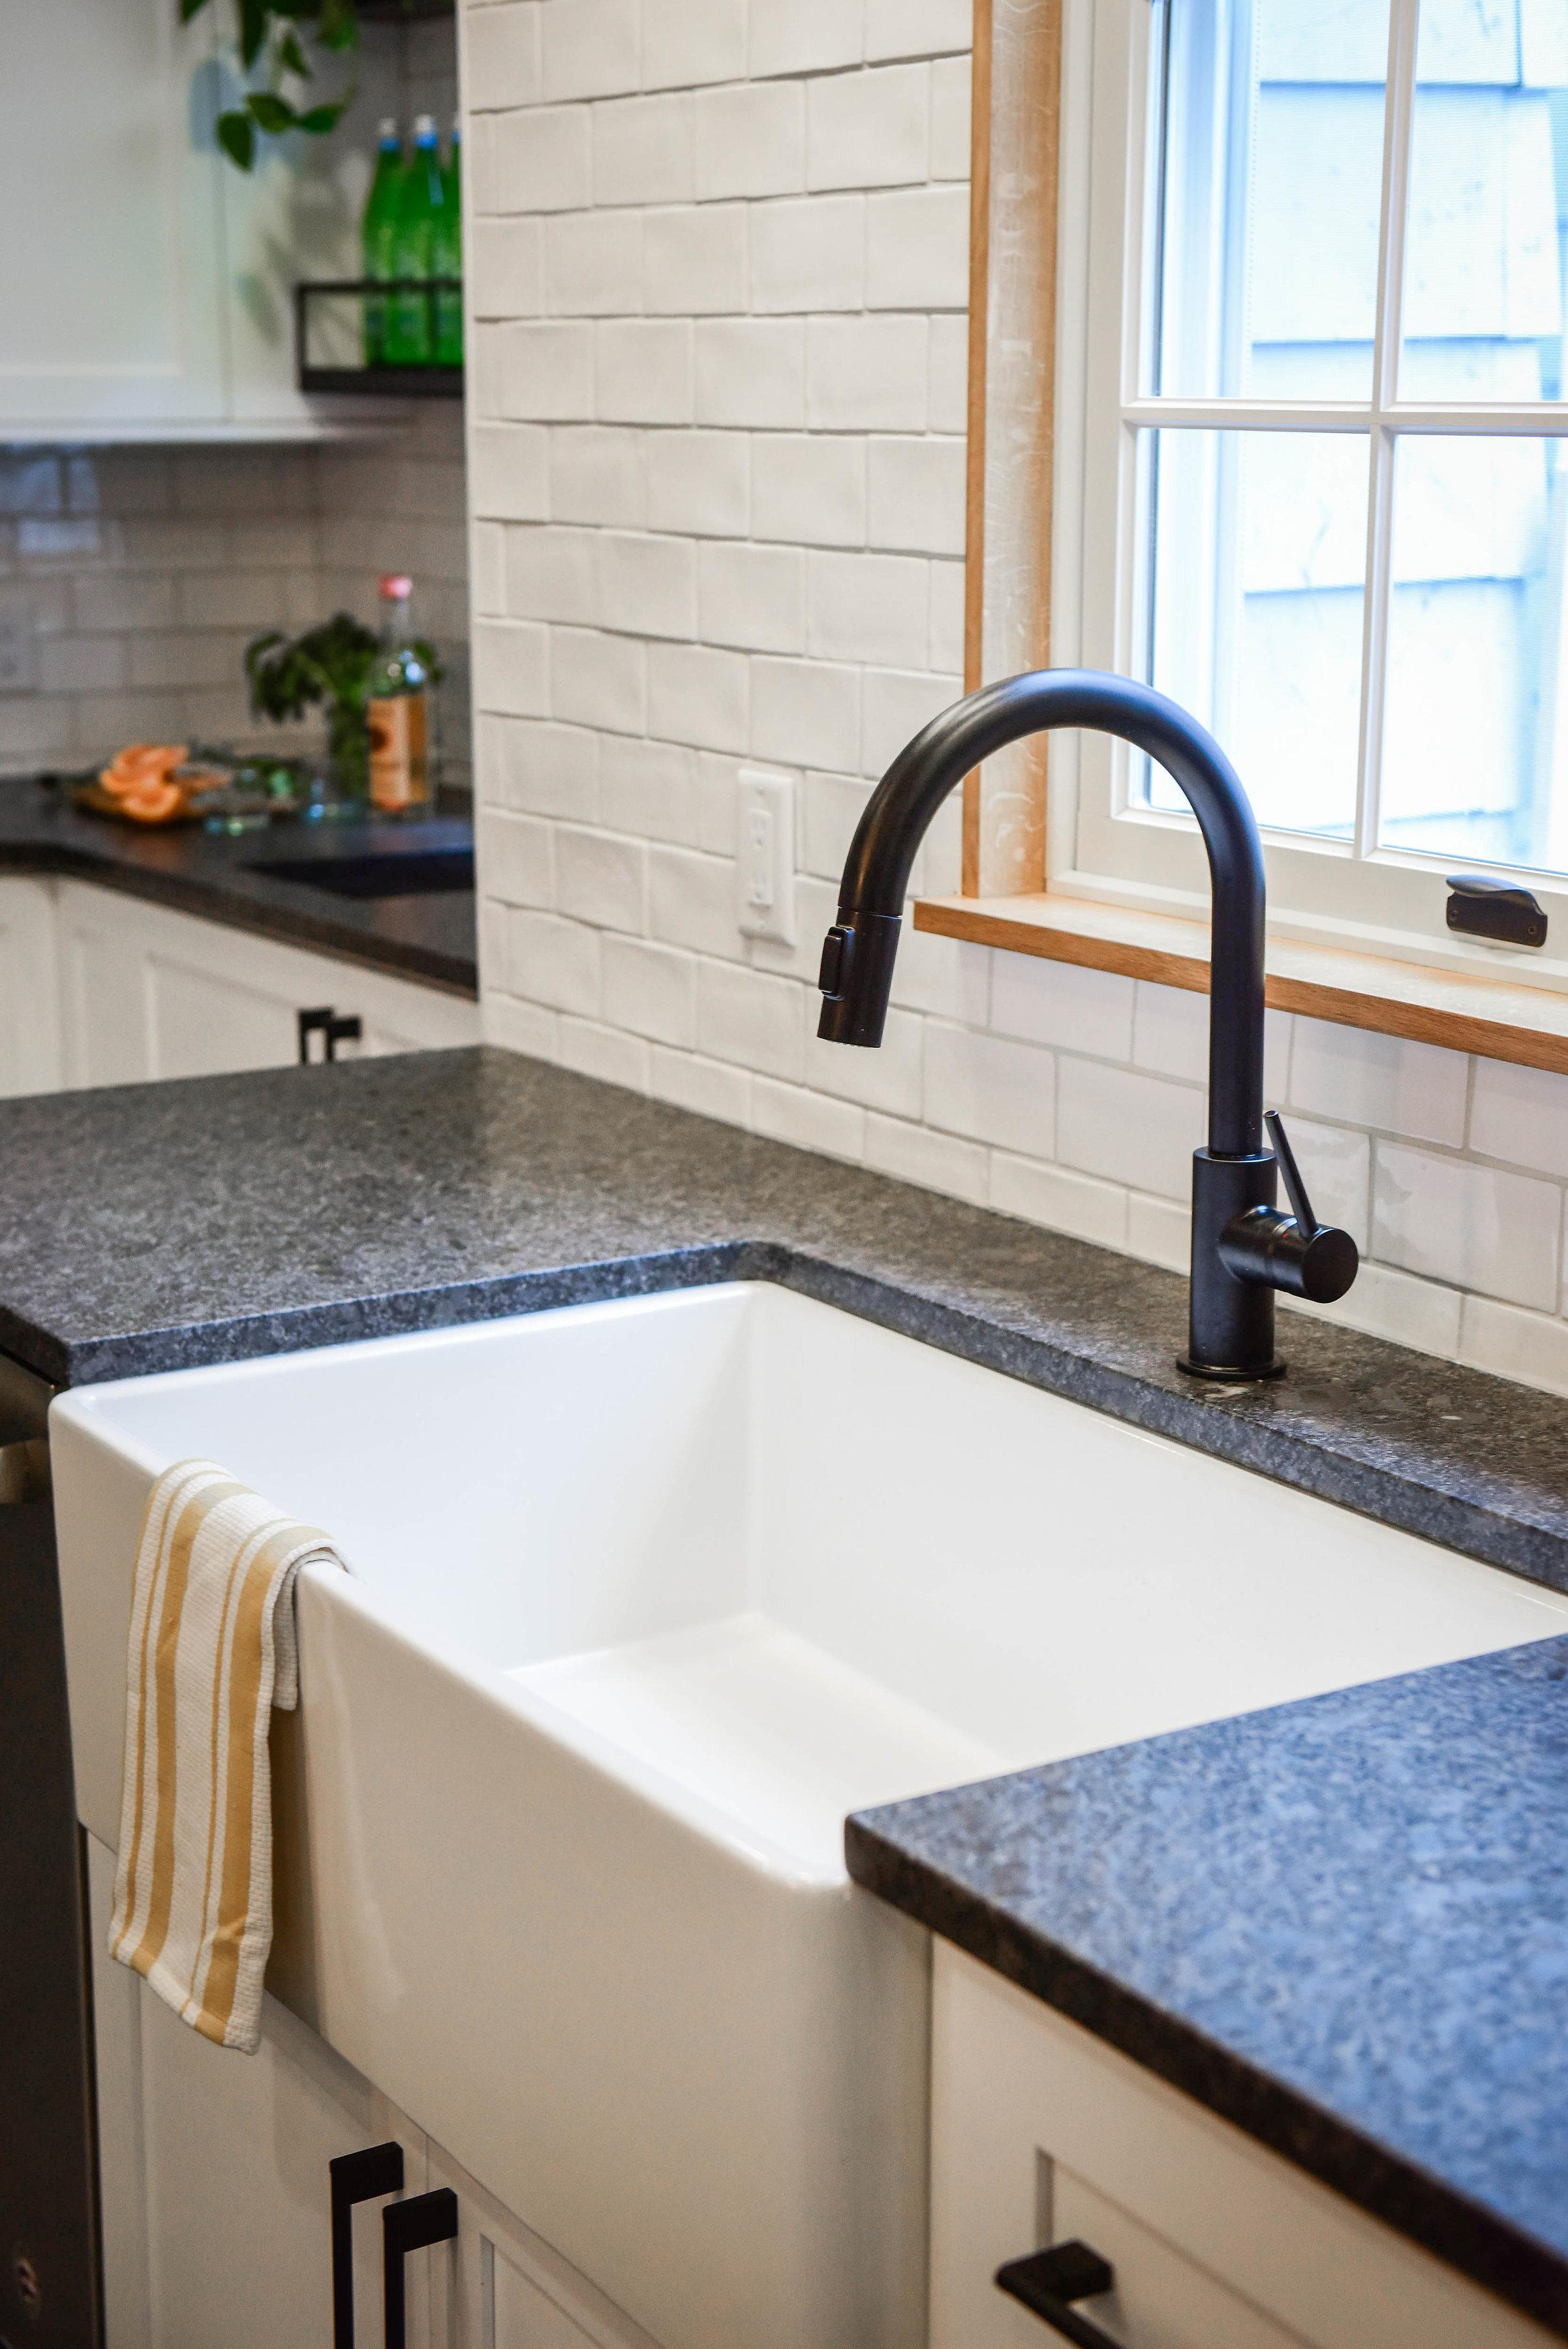 farmhouse sink black faucet.jpg